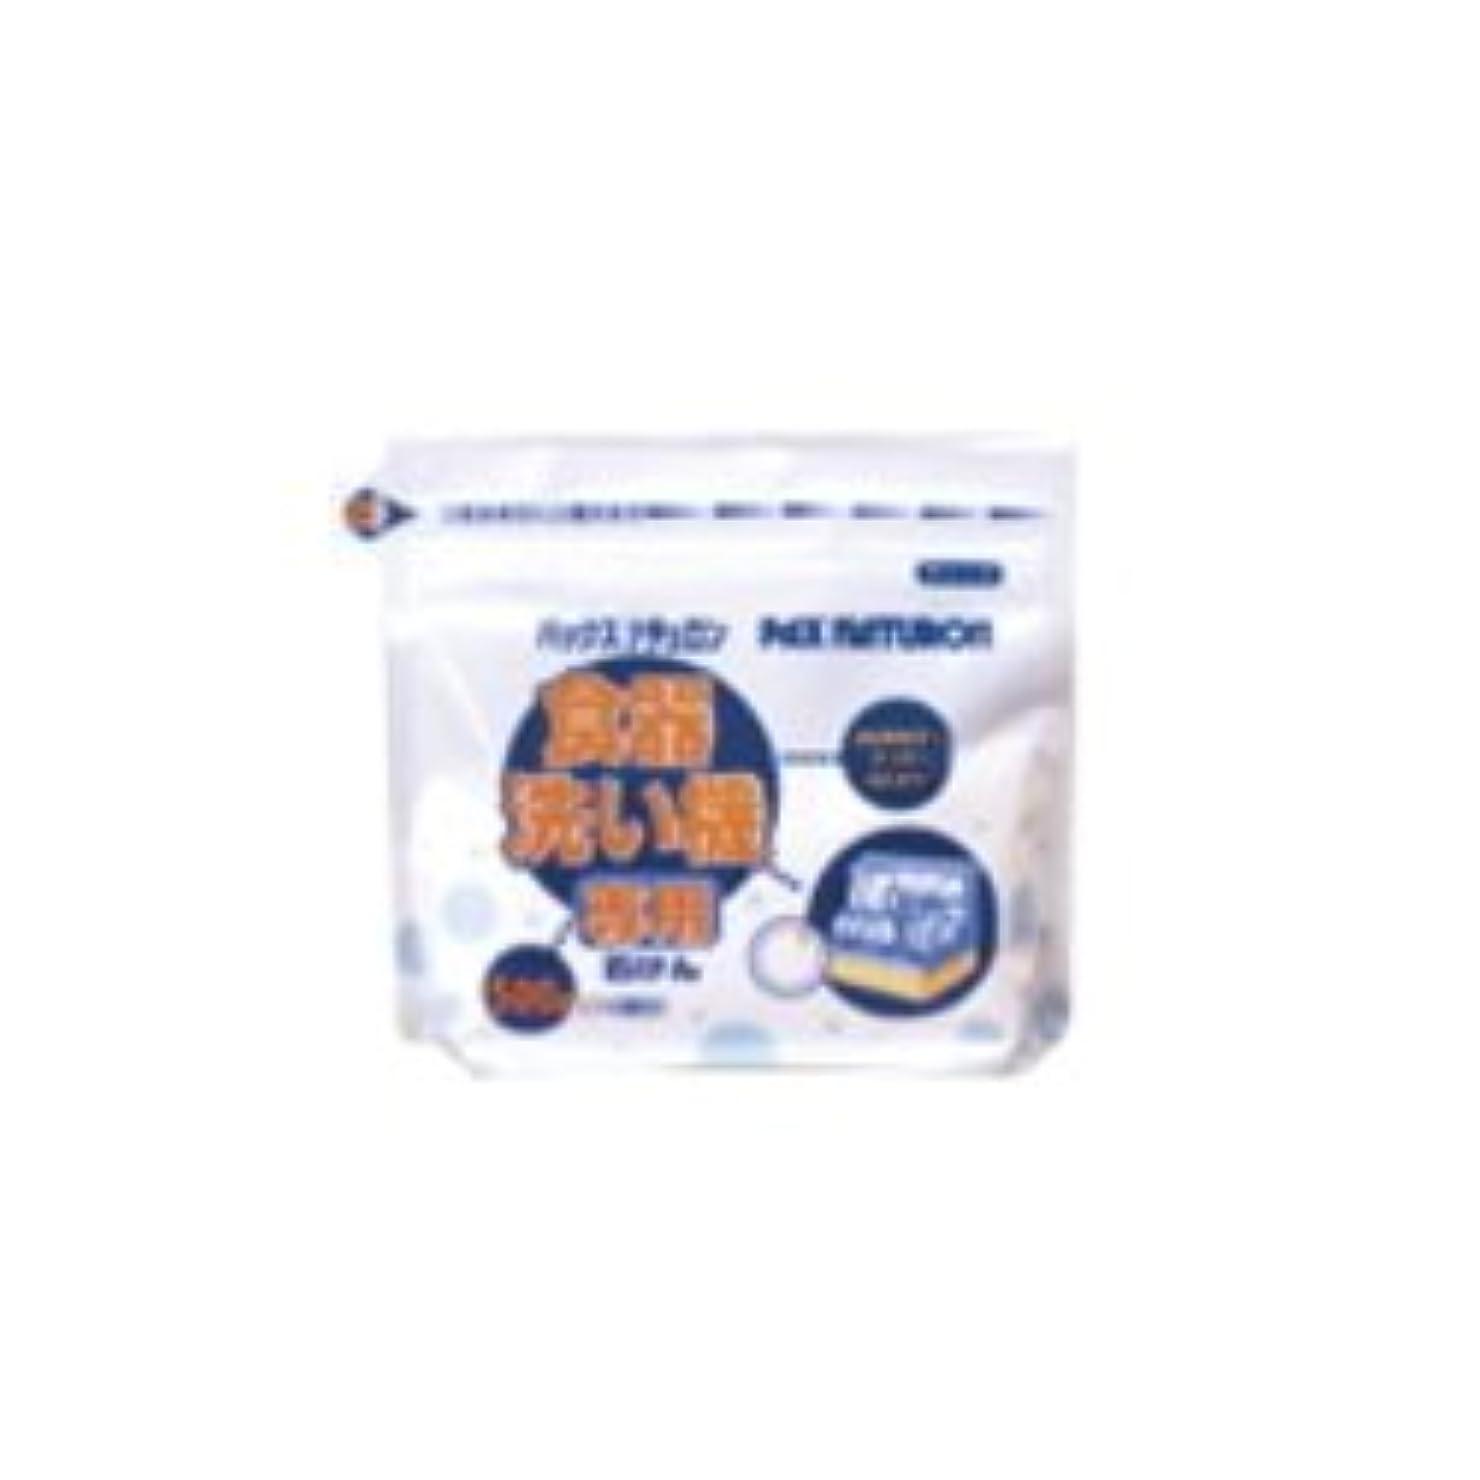 スカートロッカー同盟太陽油脂 パックスナチュロン 食器洗い機専用石けん 500g [cosme]